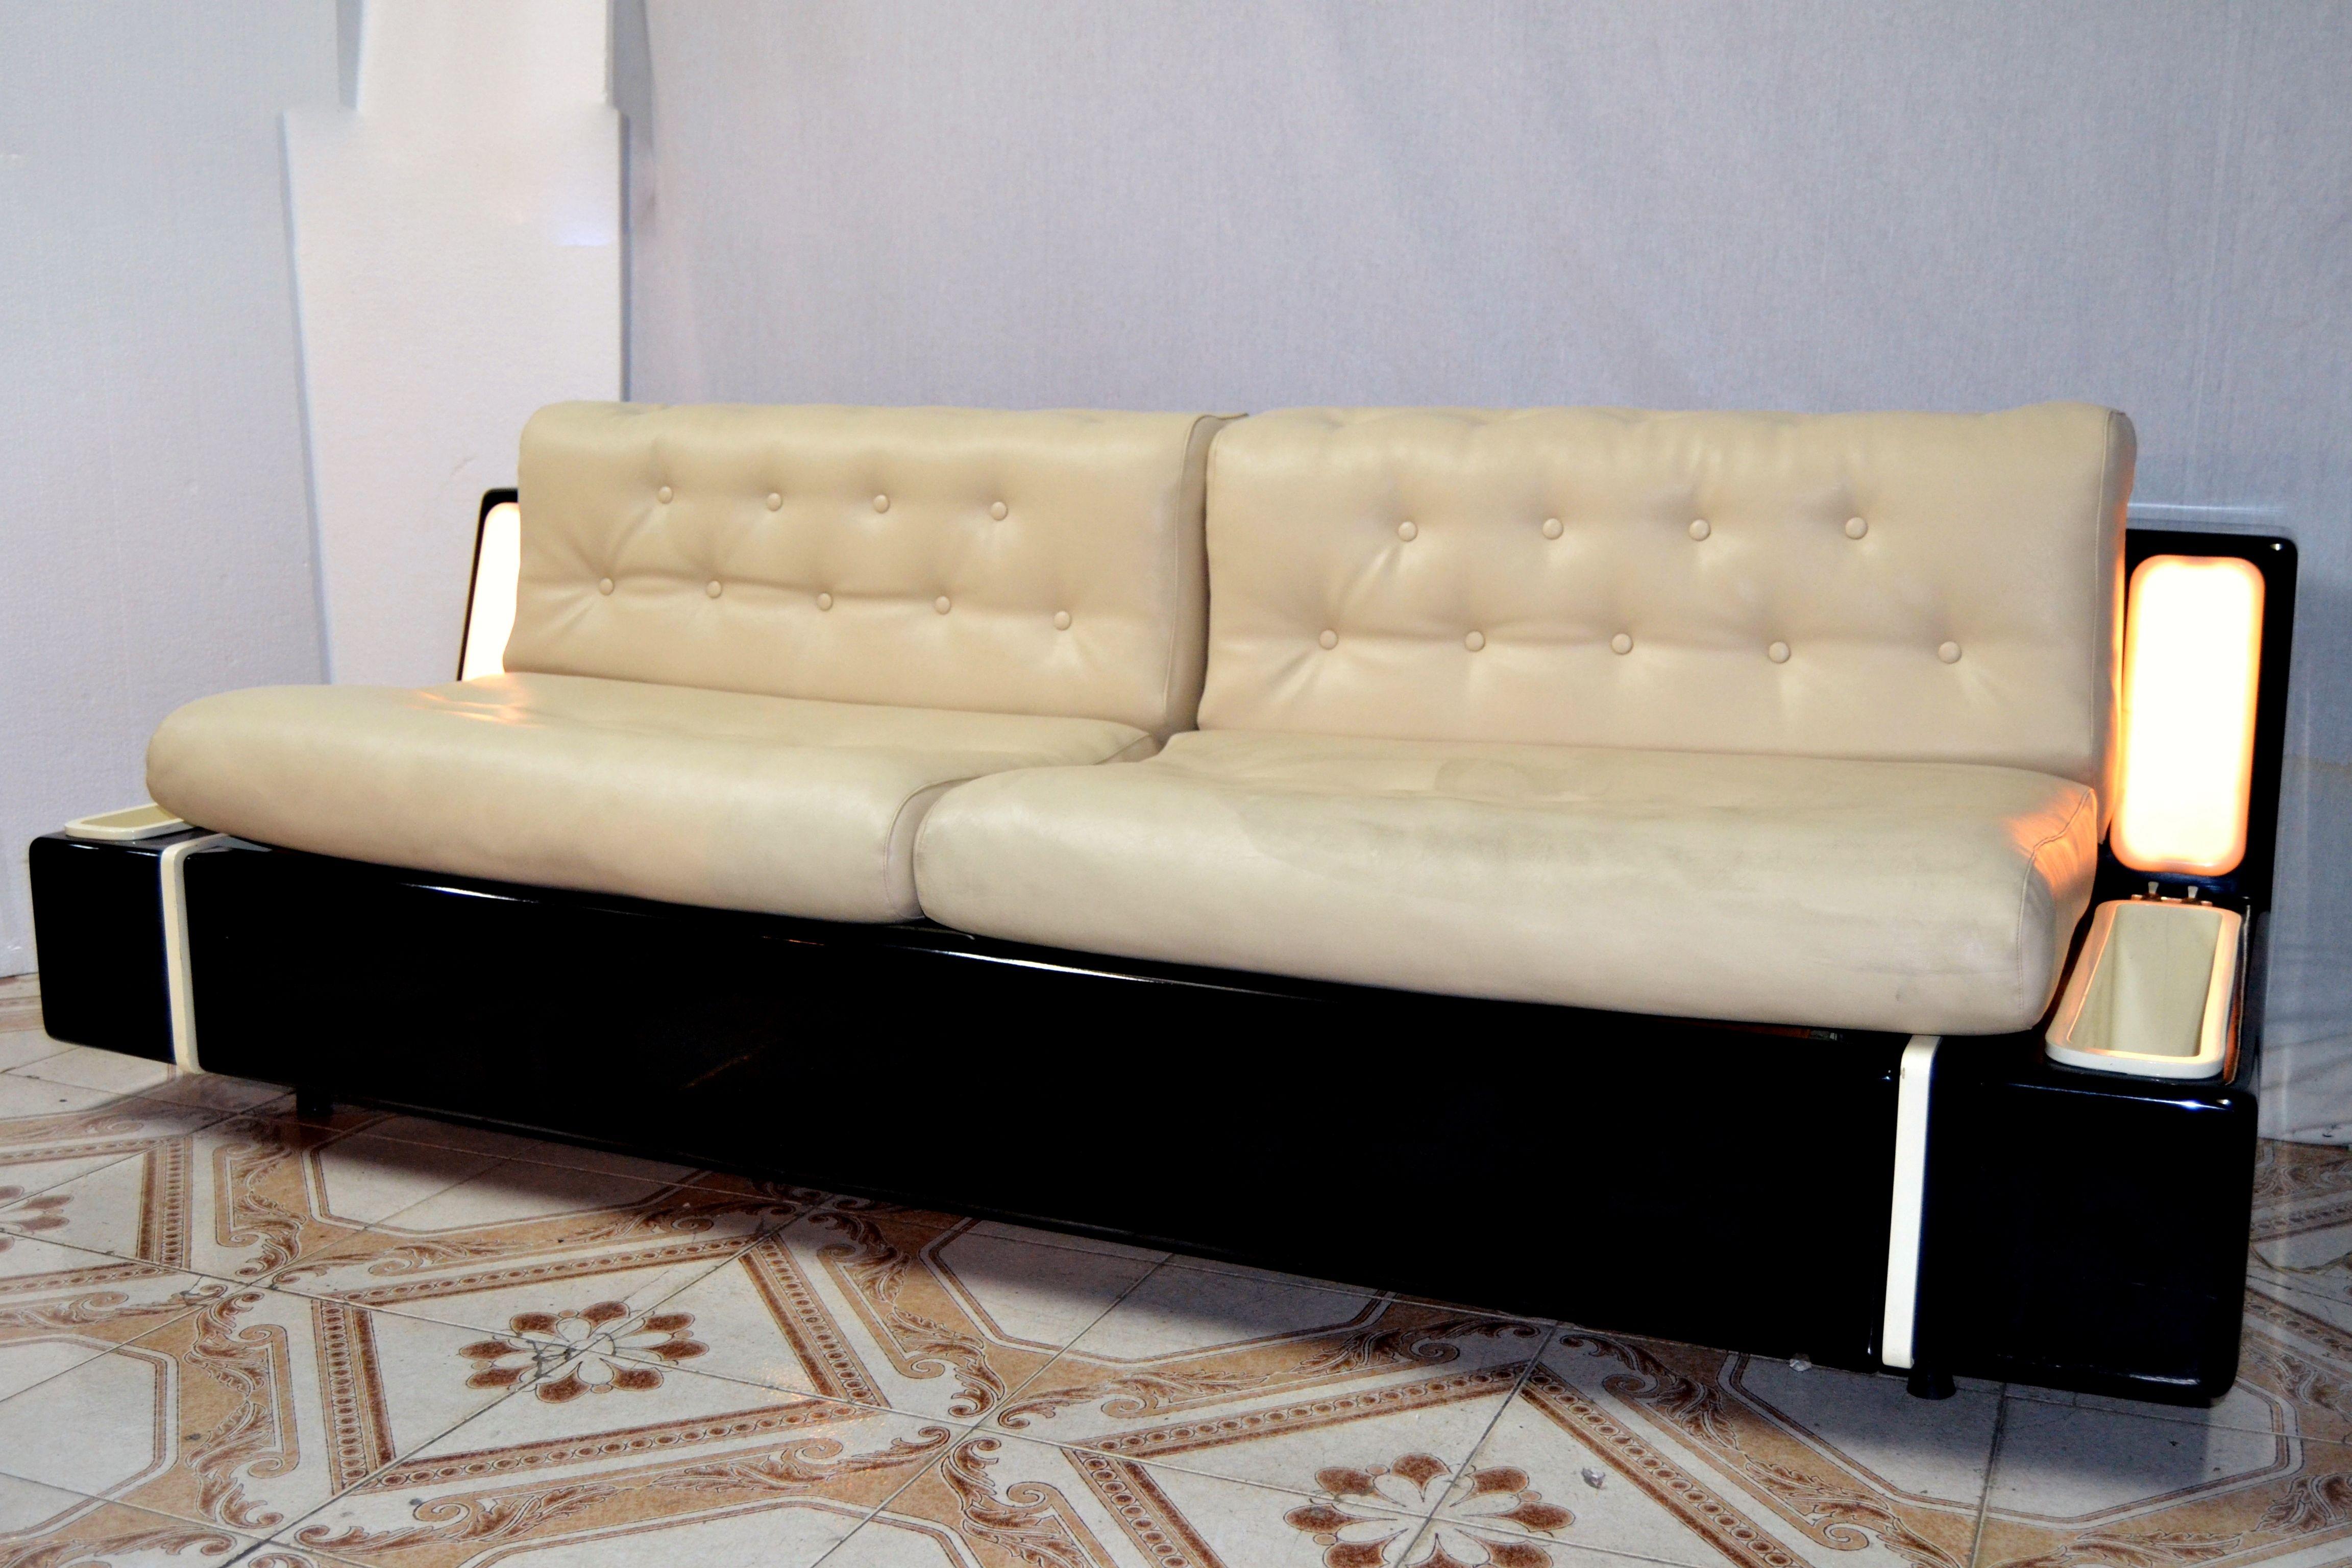 Divano Letto sofa couch, design Beka Mod. Tortuga In